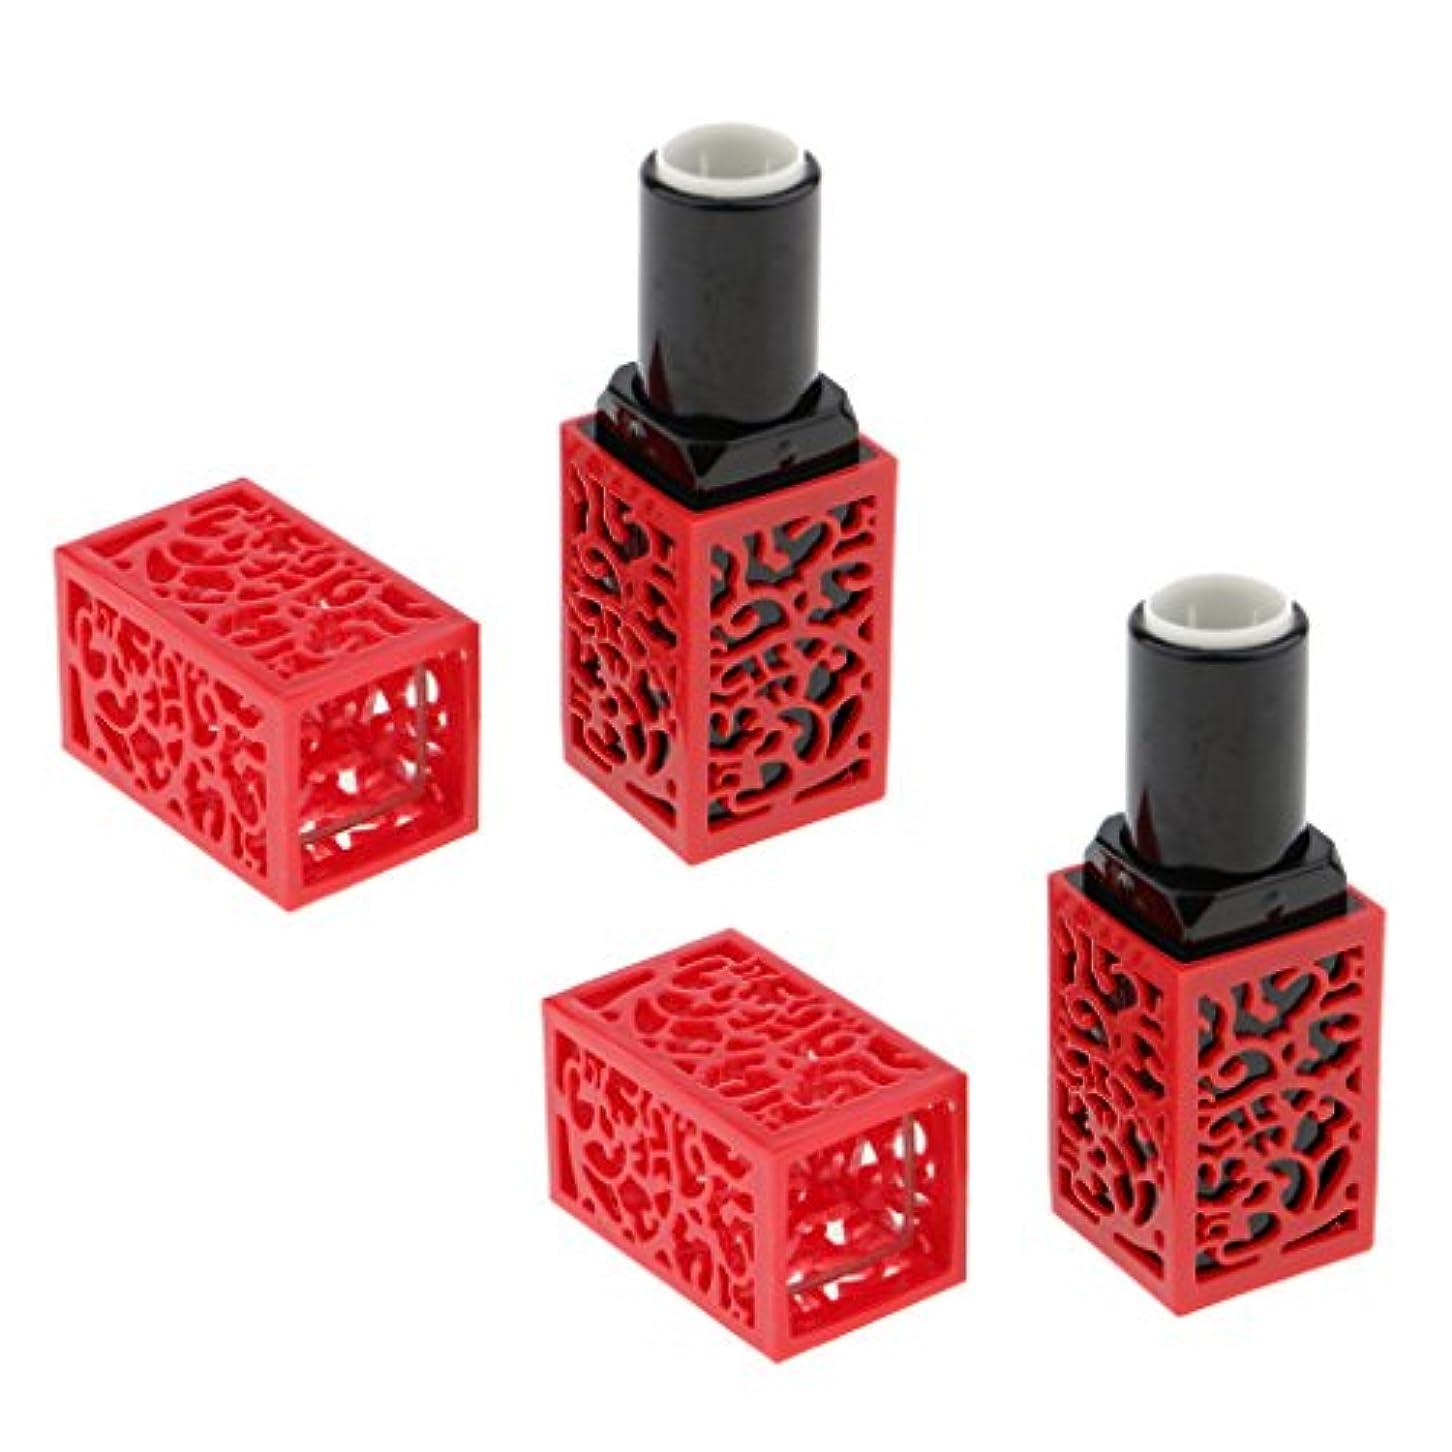 ピンレールトンネル2xファッション空の口紅チューブリップクリームコンテナDIY化粧品非毒性化粧道具 - 赤